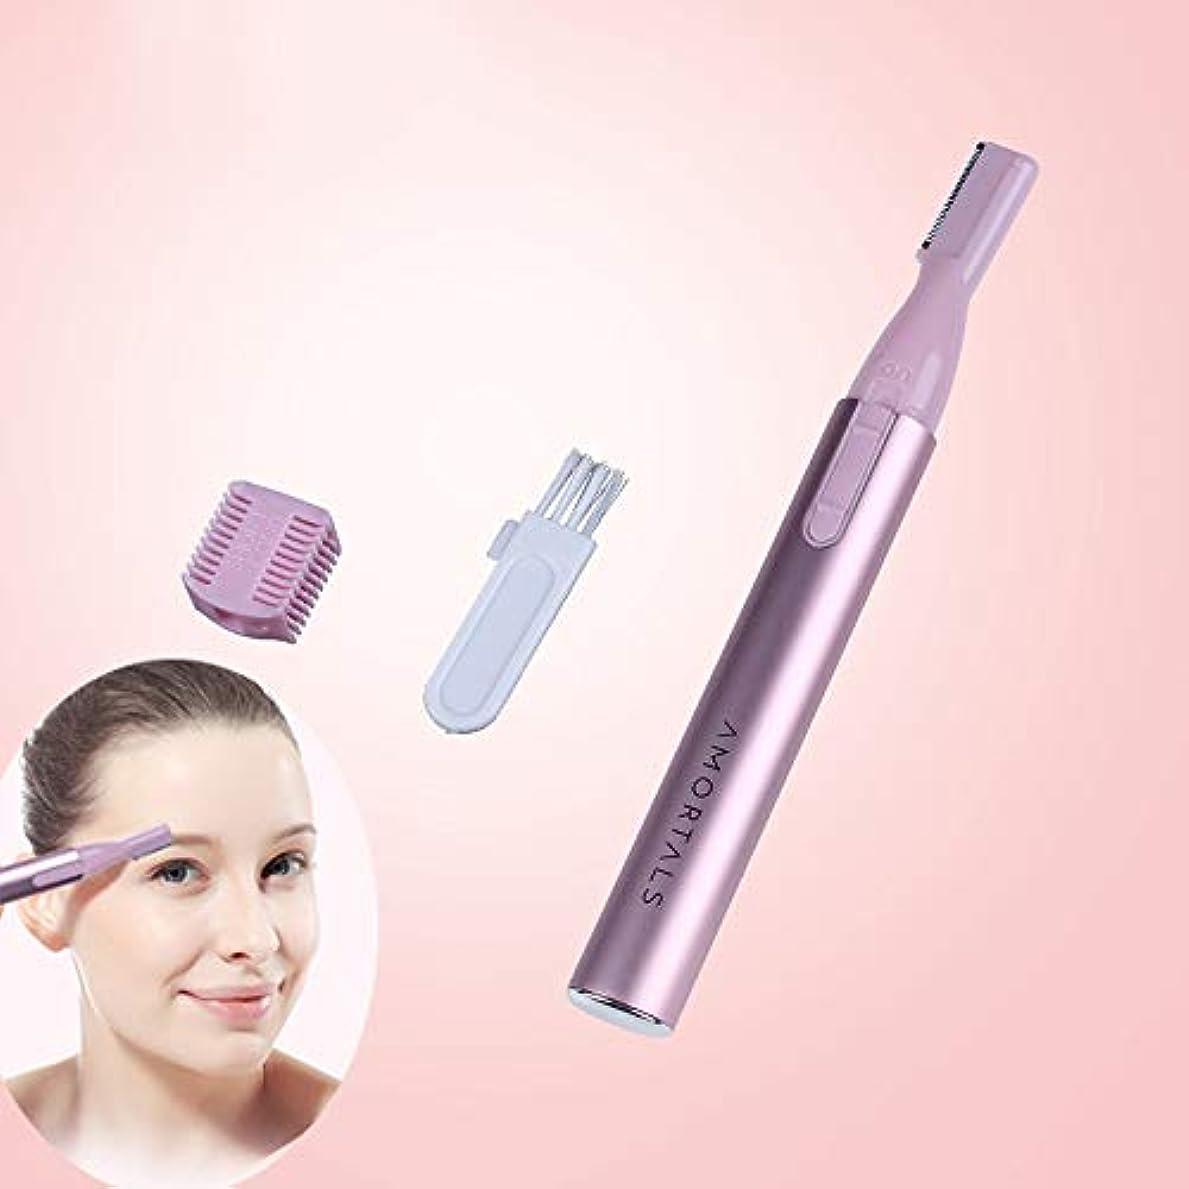 ゆるく振り向く禁止する脇の下/足/体/髪の女性の顔のトリマーのための携帯用電動眉毛トリマー、(電池式) (Color : Pink)